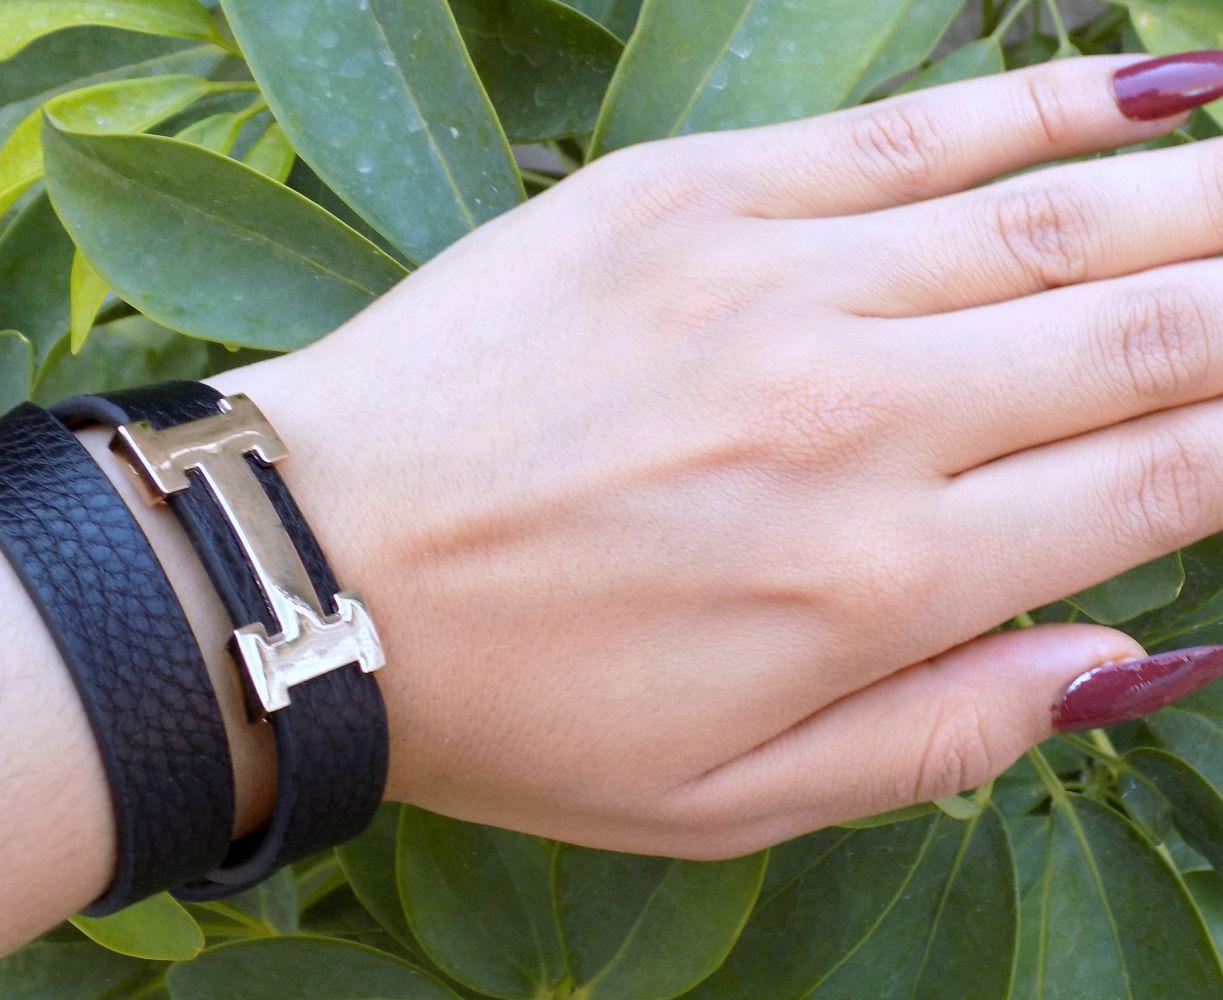 دستبند دخترانه چرمی فری سایز با رویه استیل طلایی ds-n234 از نمای روی دست